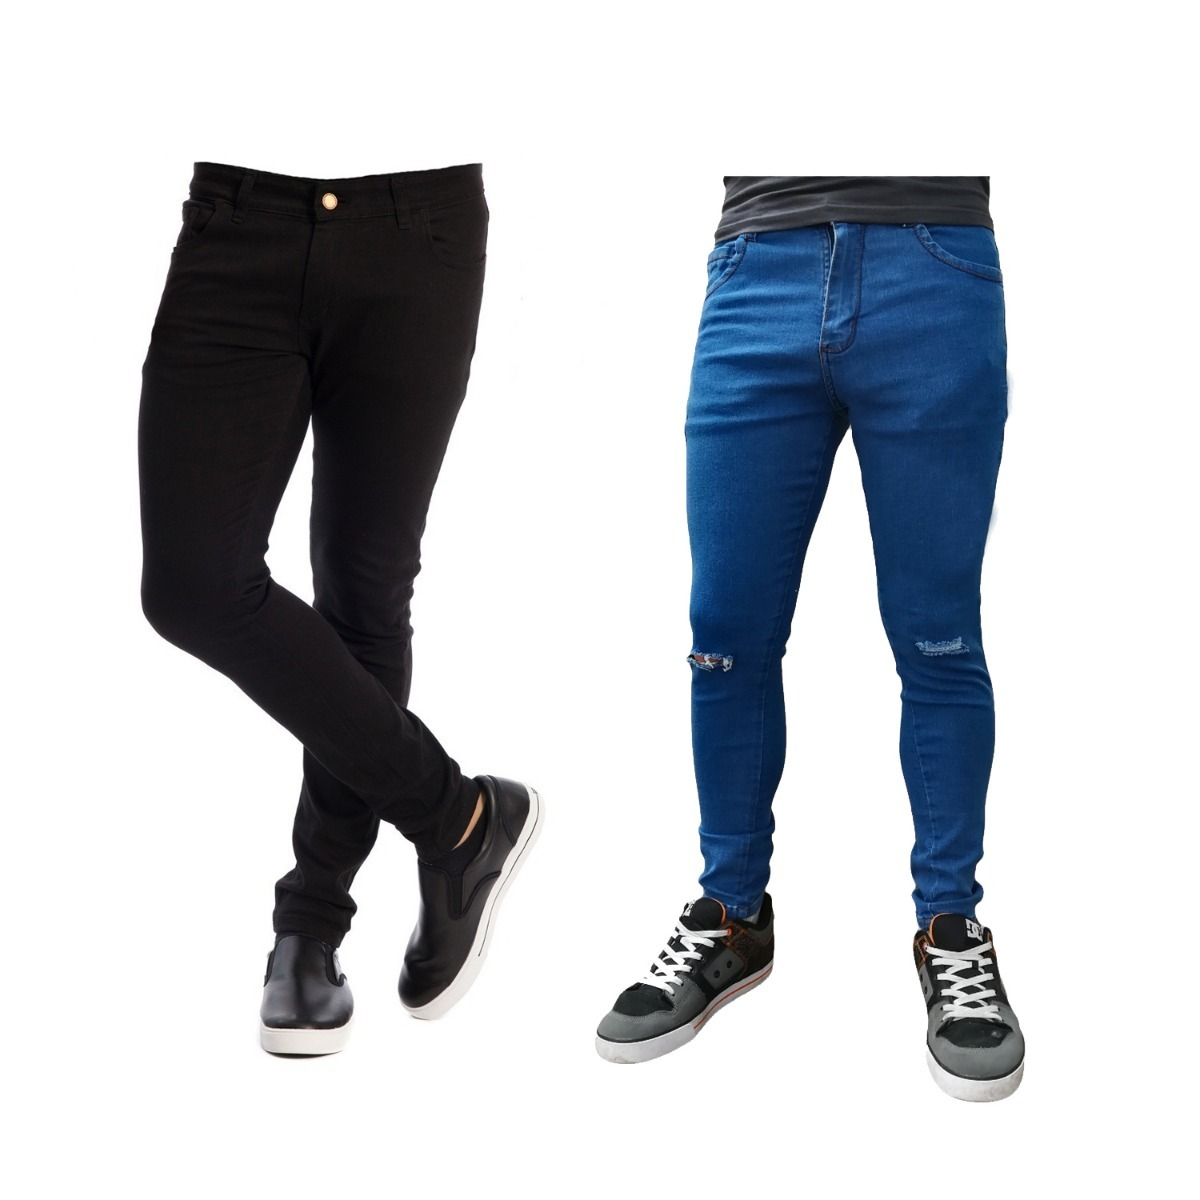 b467a5df95 Características. Marca Elropero01  Modelo negro azul roto  Género Hombre   Tipo de pantalón Jean ...